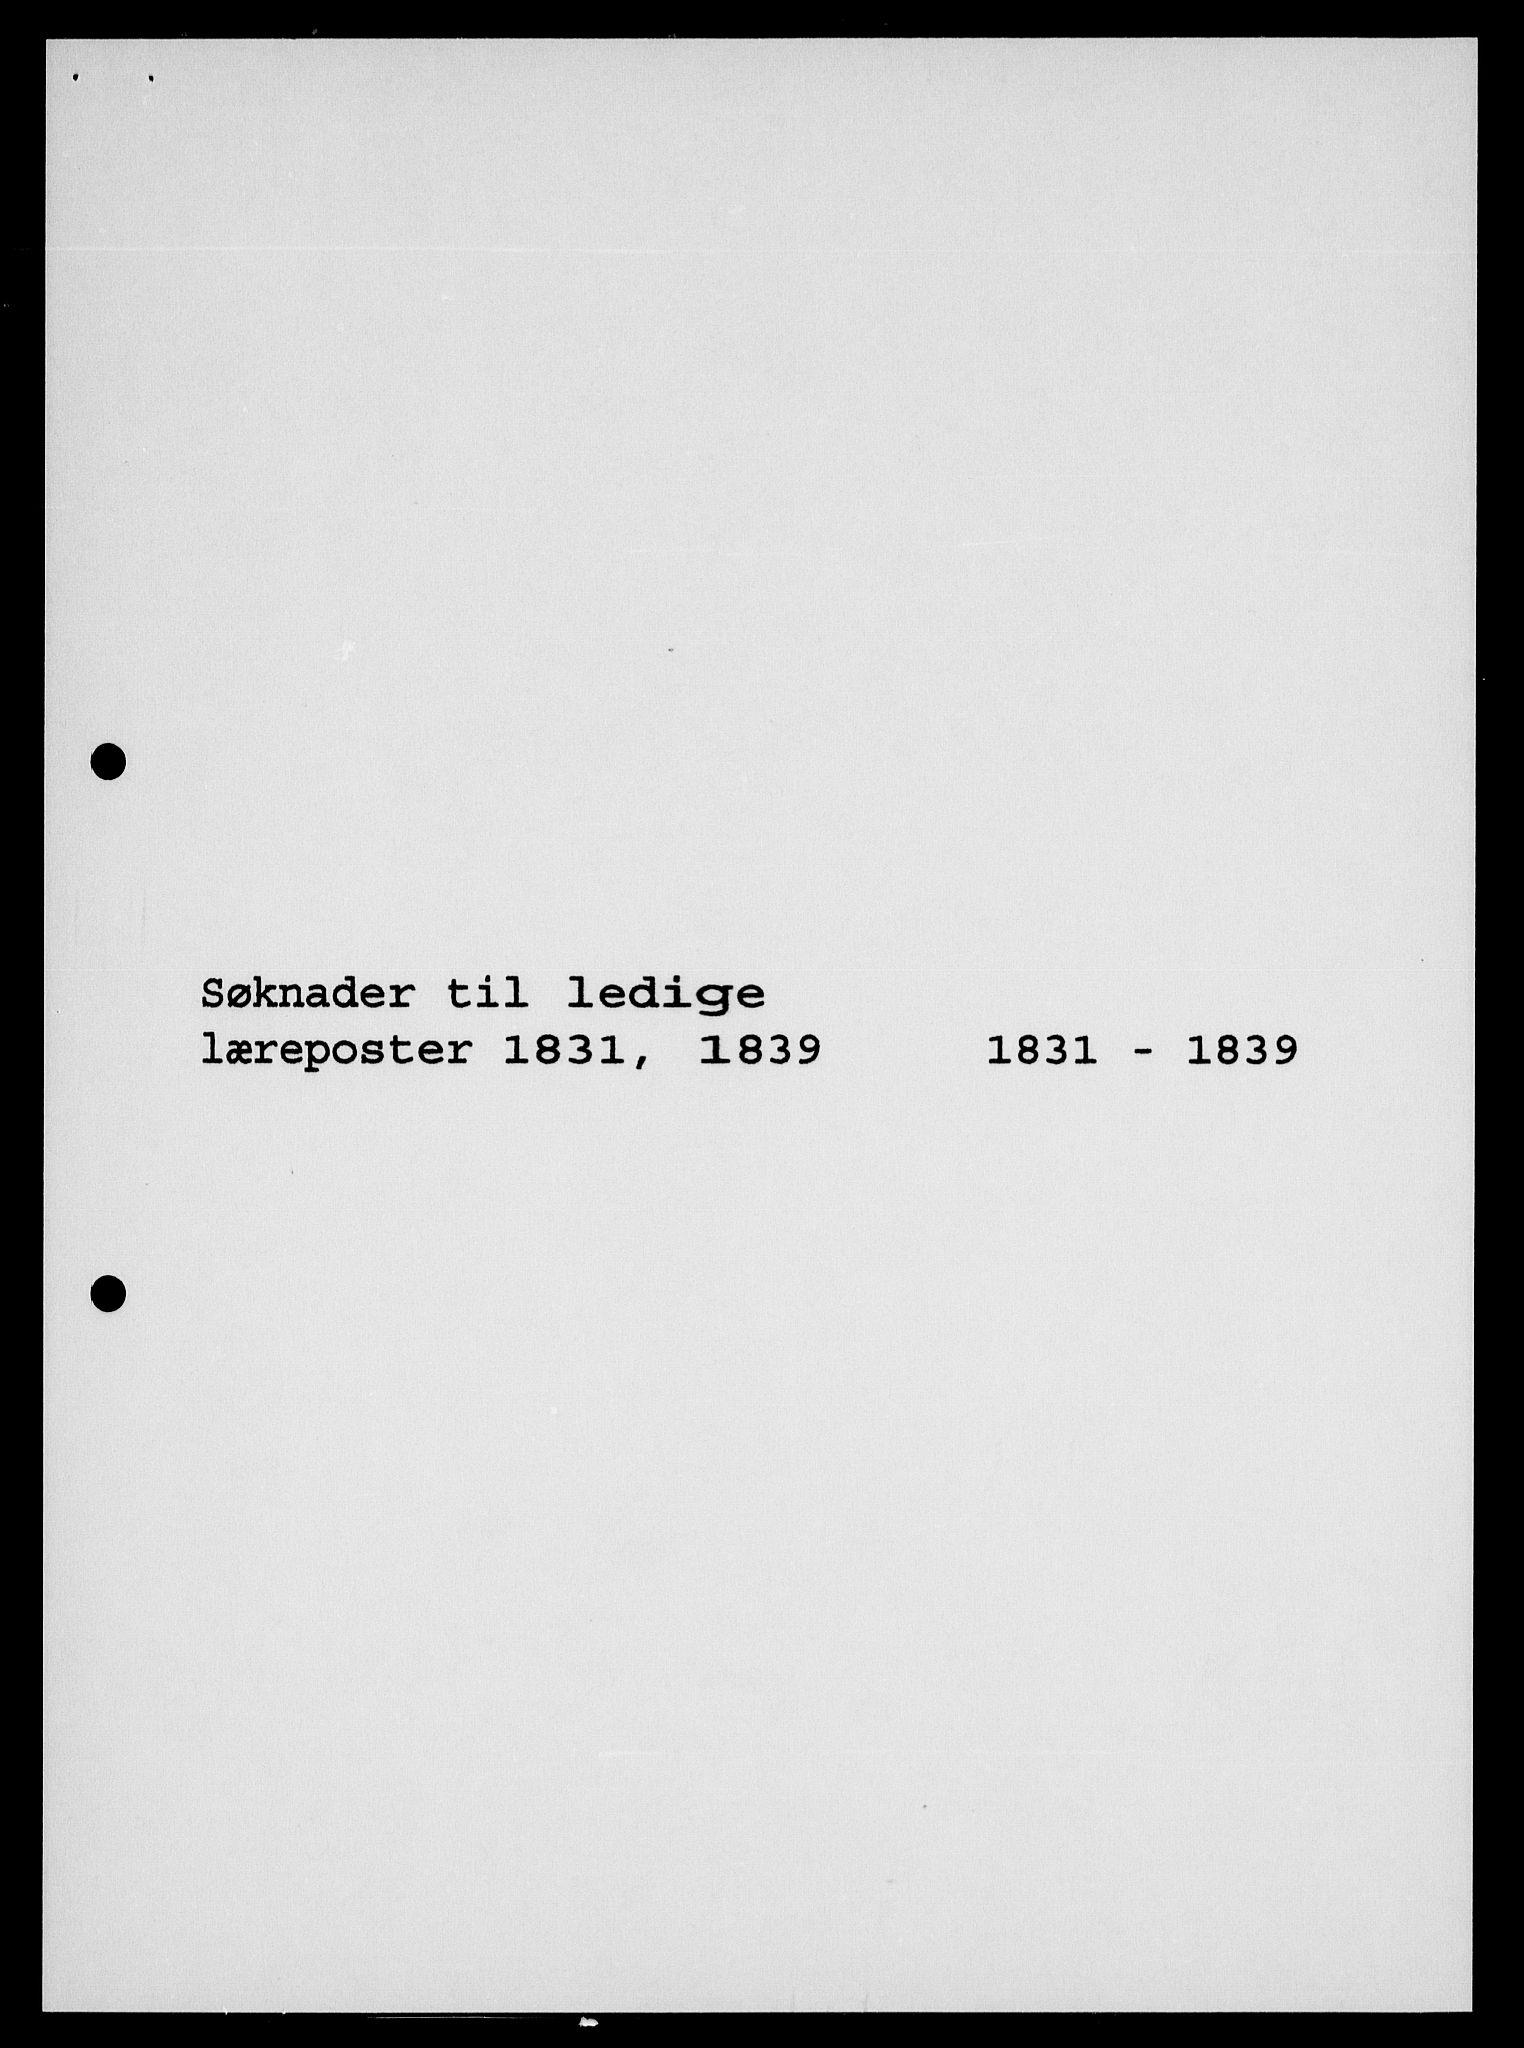 RA, Modums Blaafarveværk, G/Gi/L0382, 1822-1848, s. 57